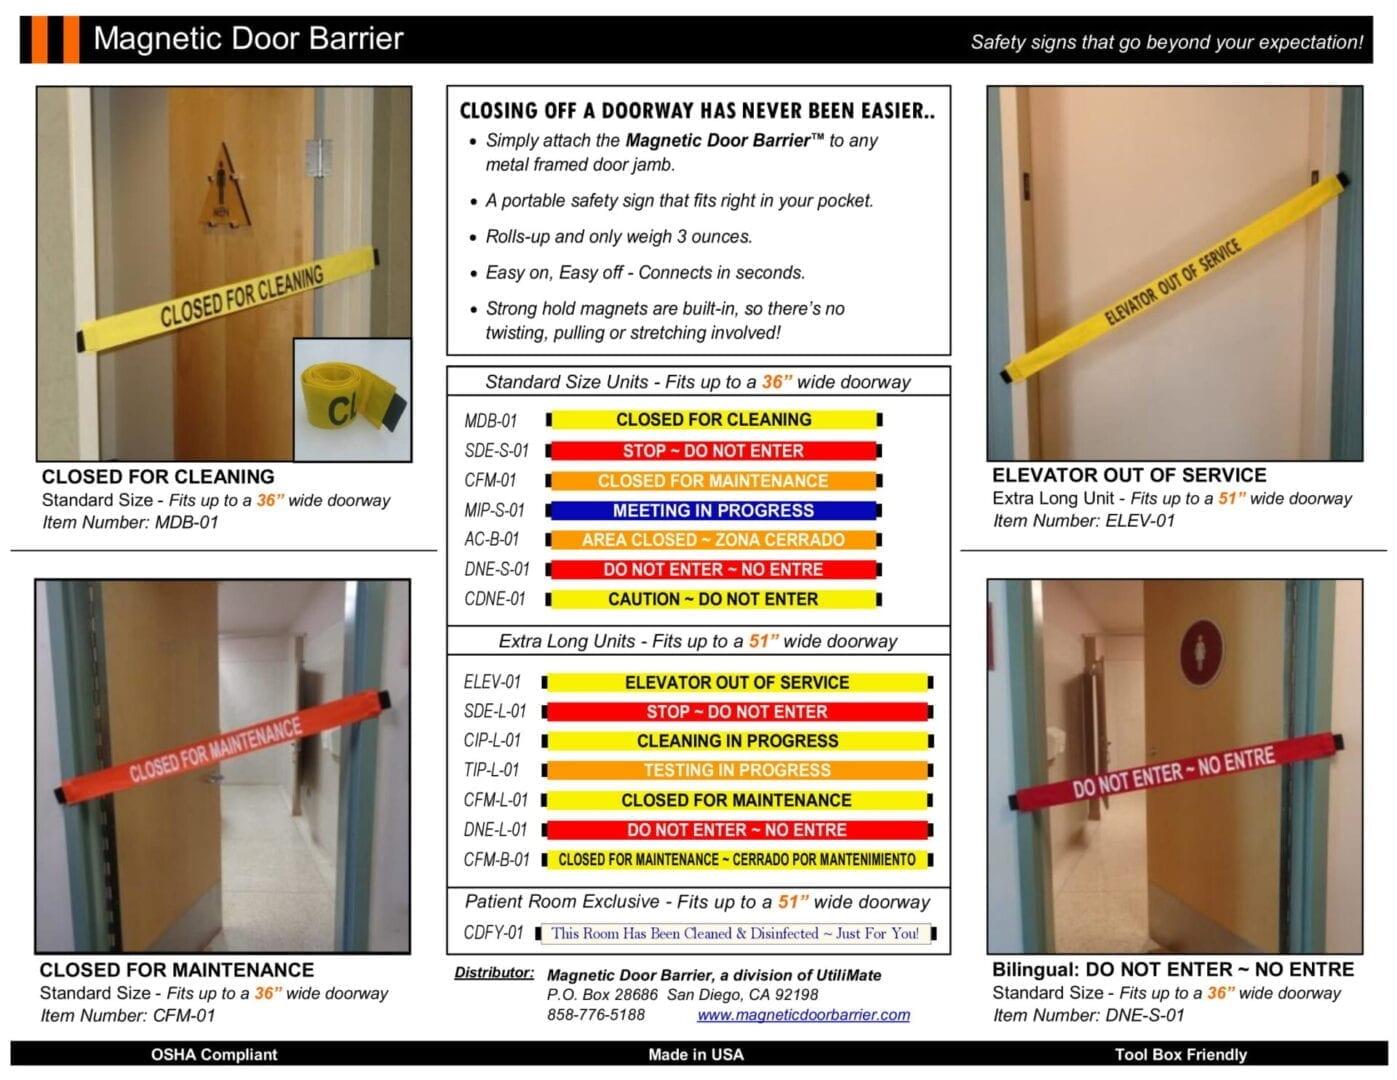 Line Card - Magnetic Door Barrier 200331-1